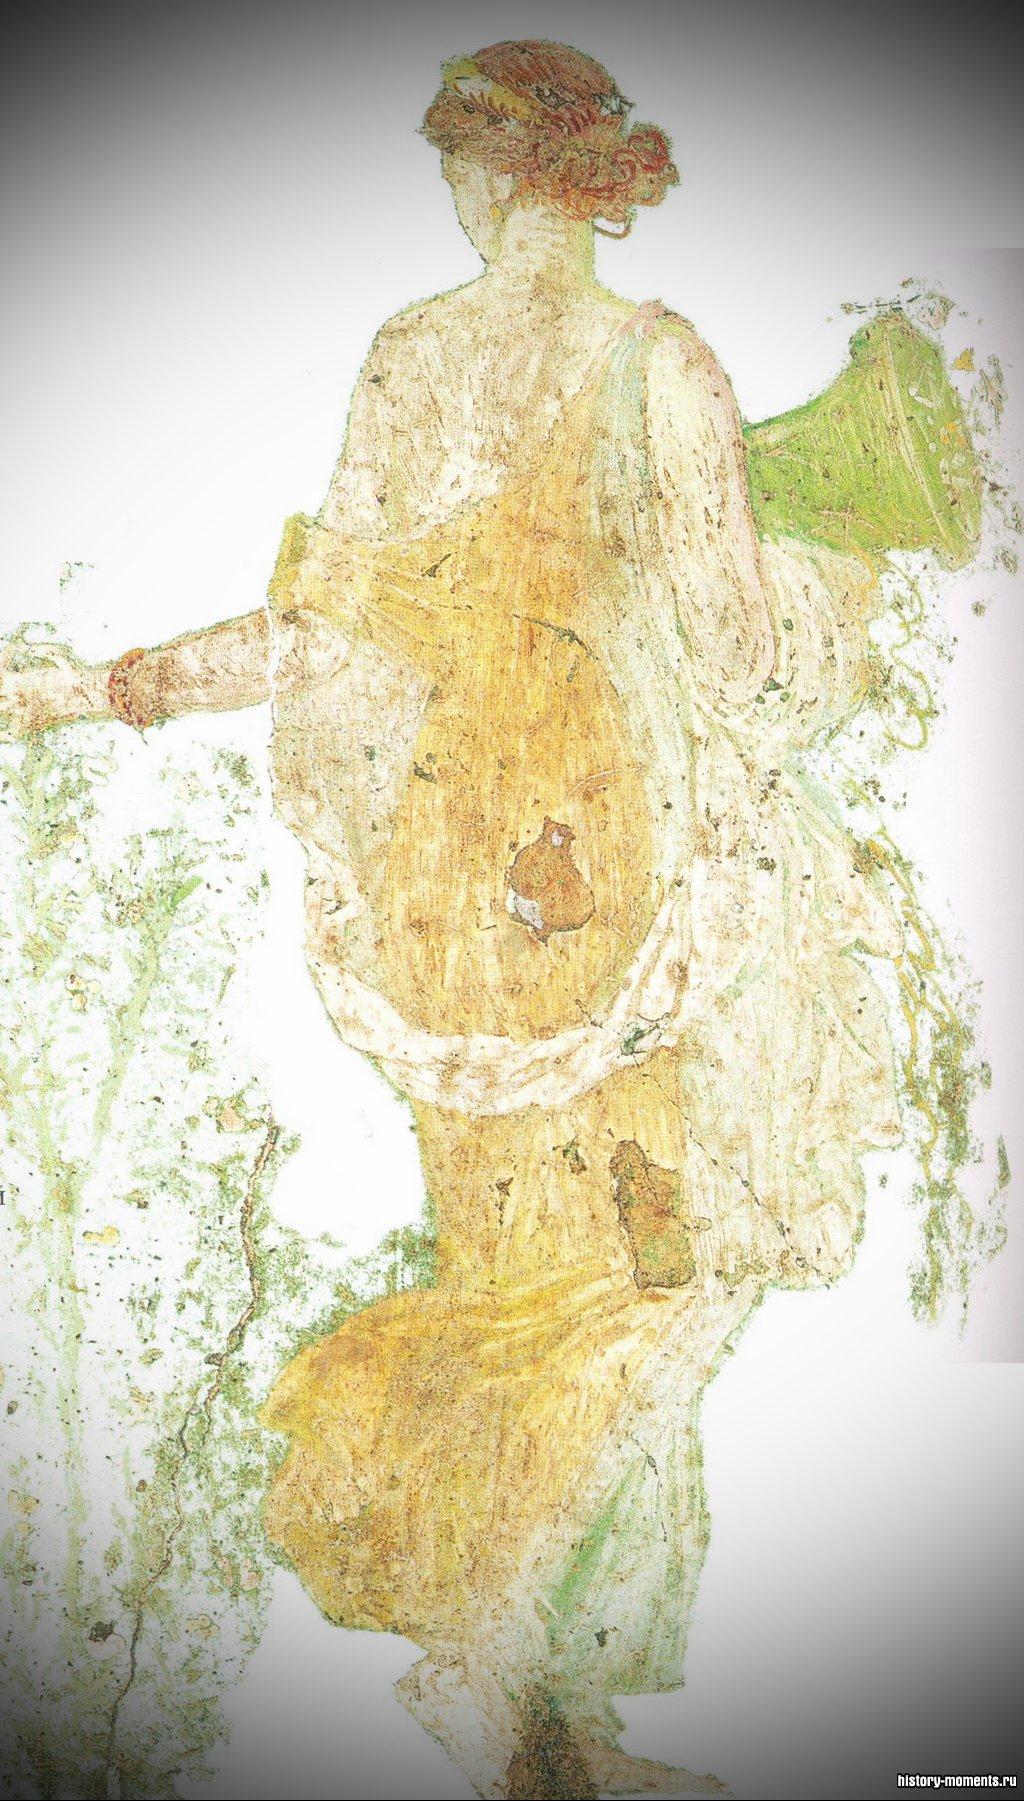 Римская фреска изображает богиню Флору, собирающую цветы.